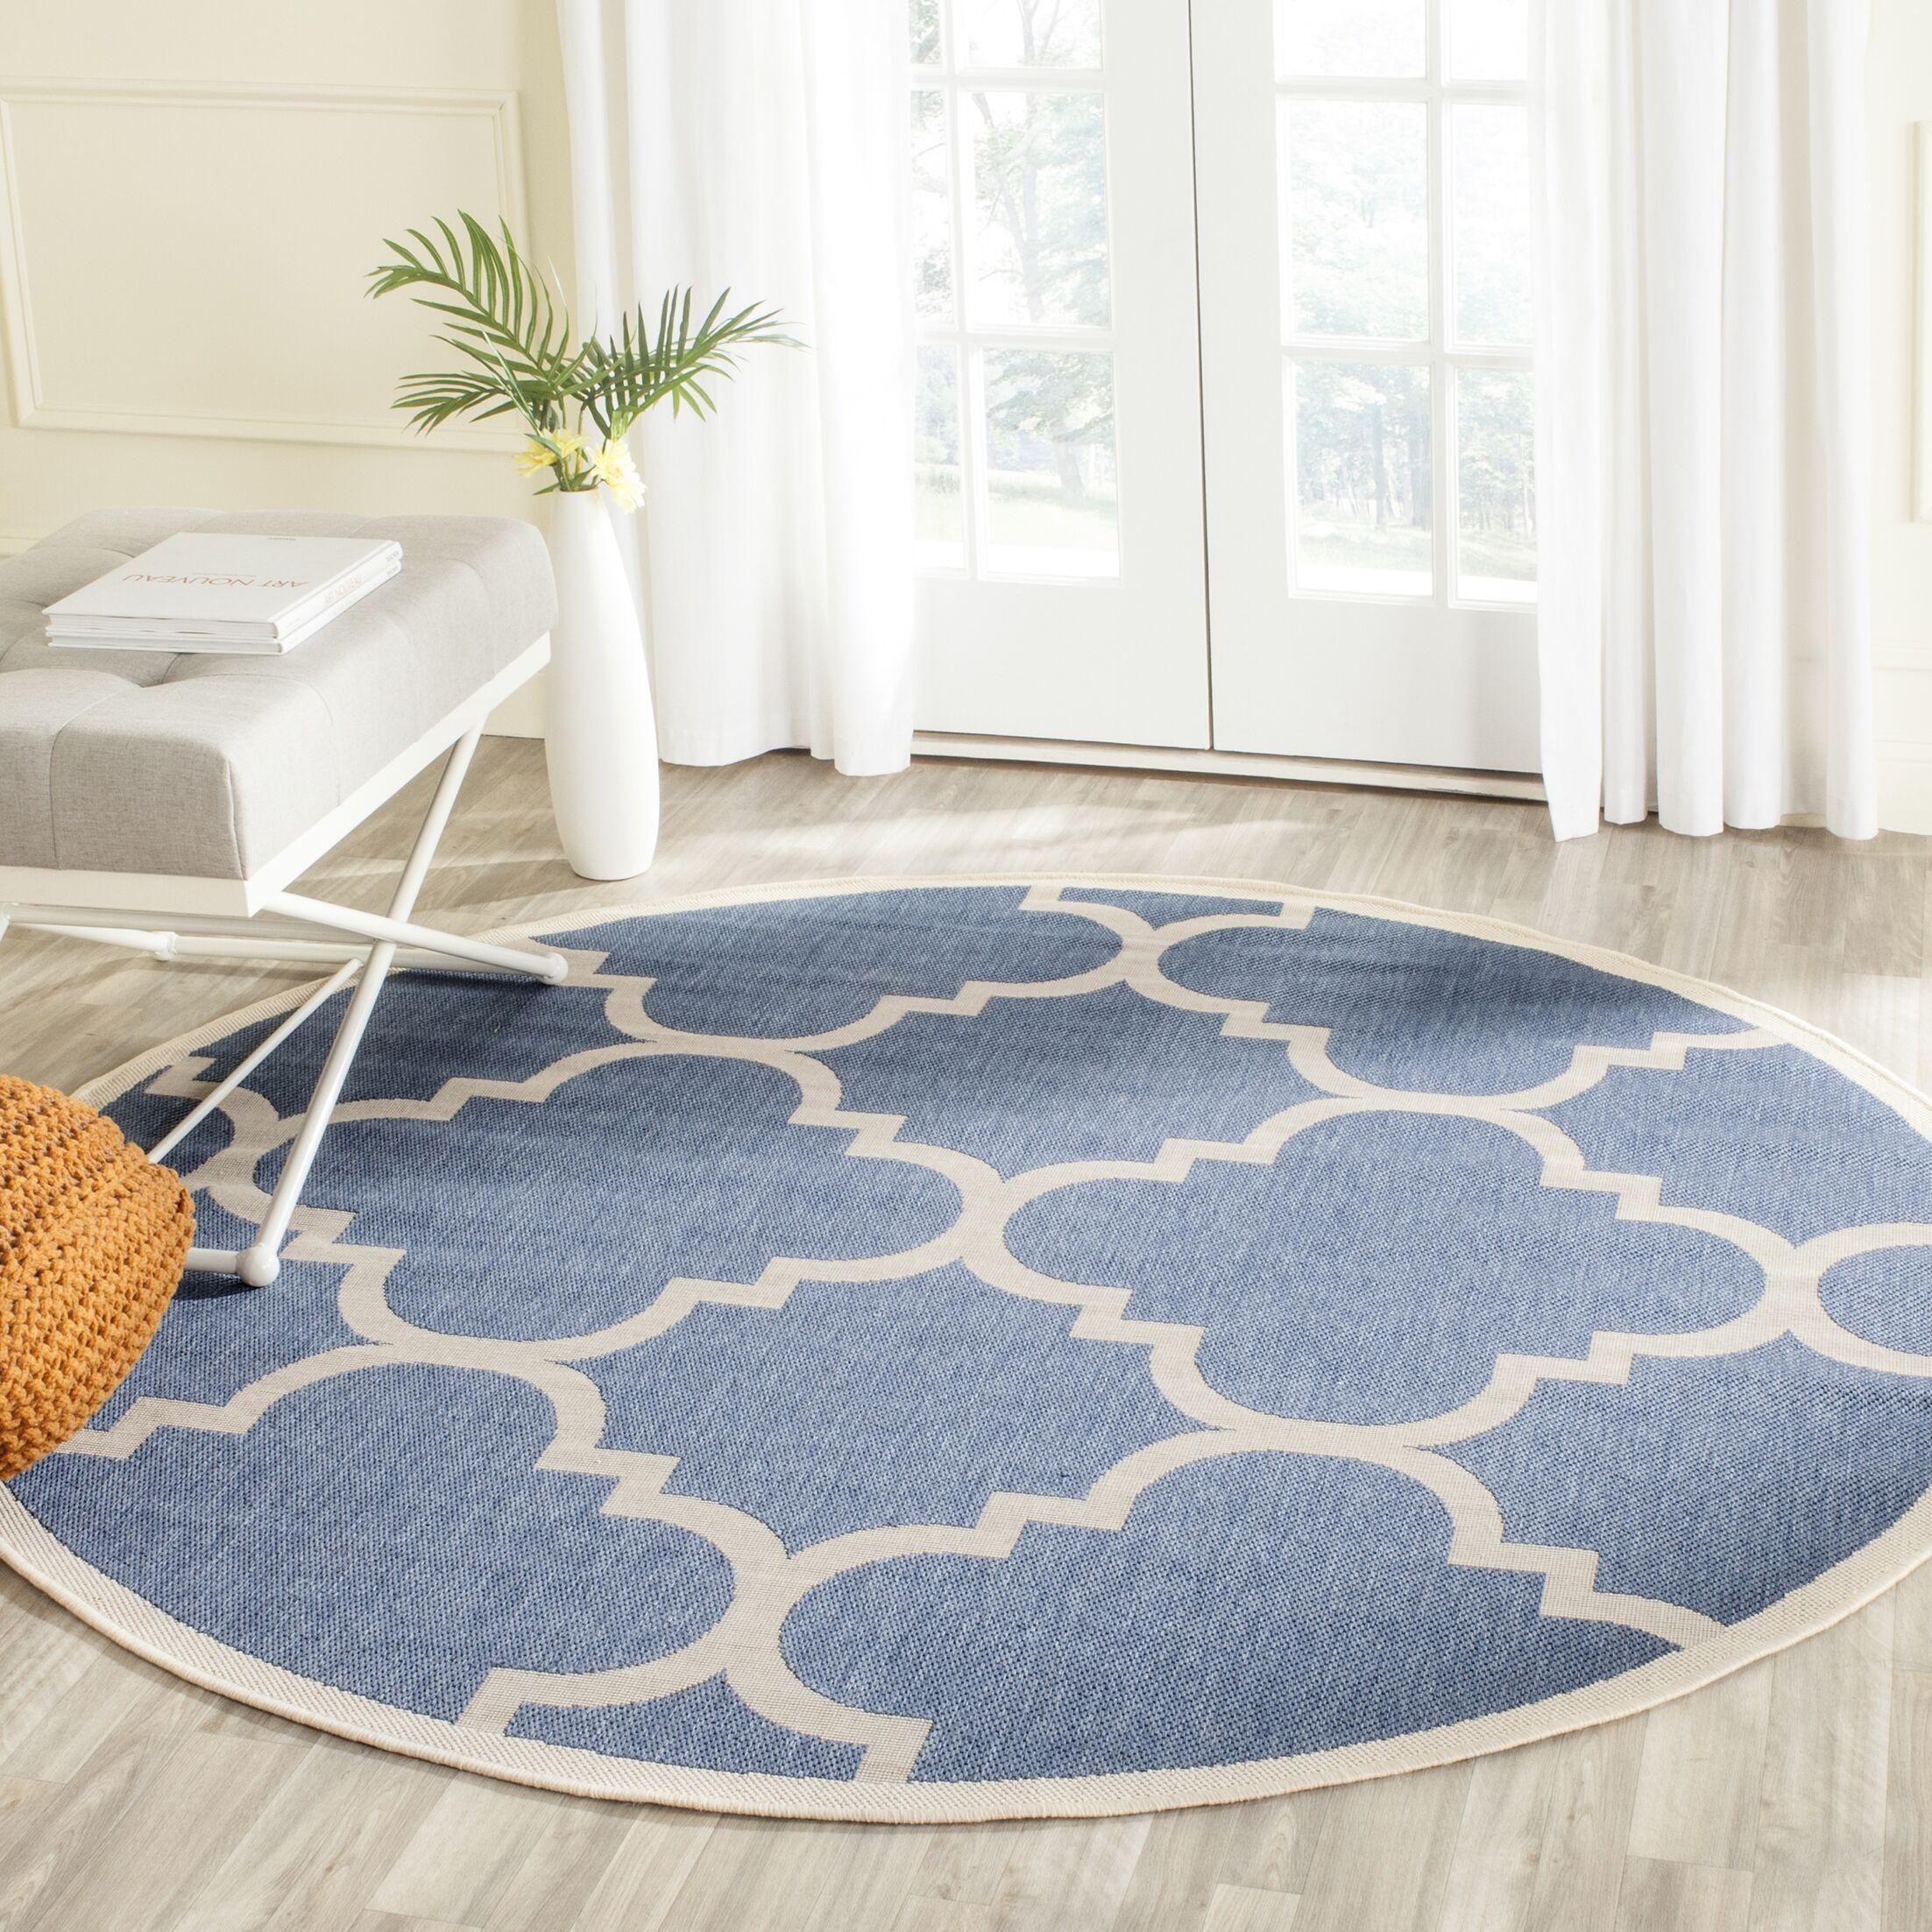 Short Lattice Blue/Beige Indoor/Outdoor Area Rug Rug Size: Round 5'3